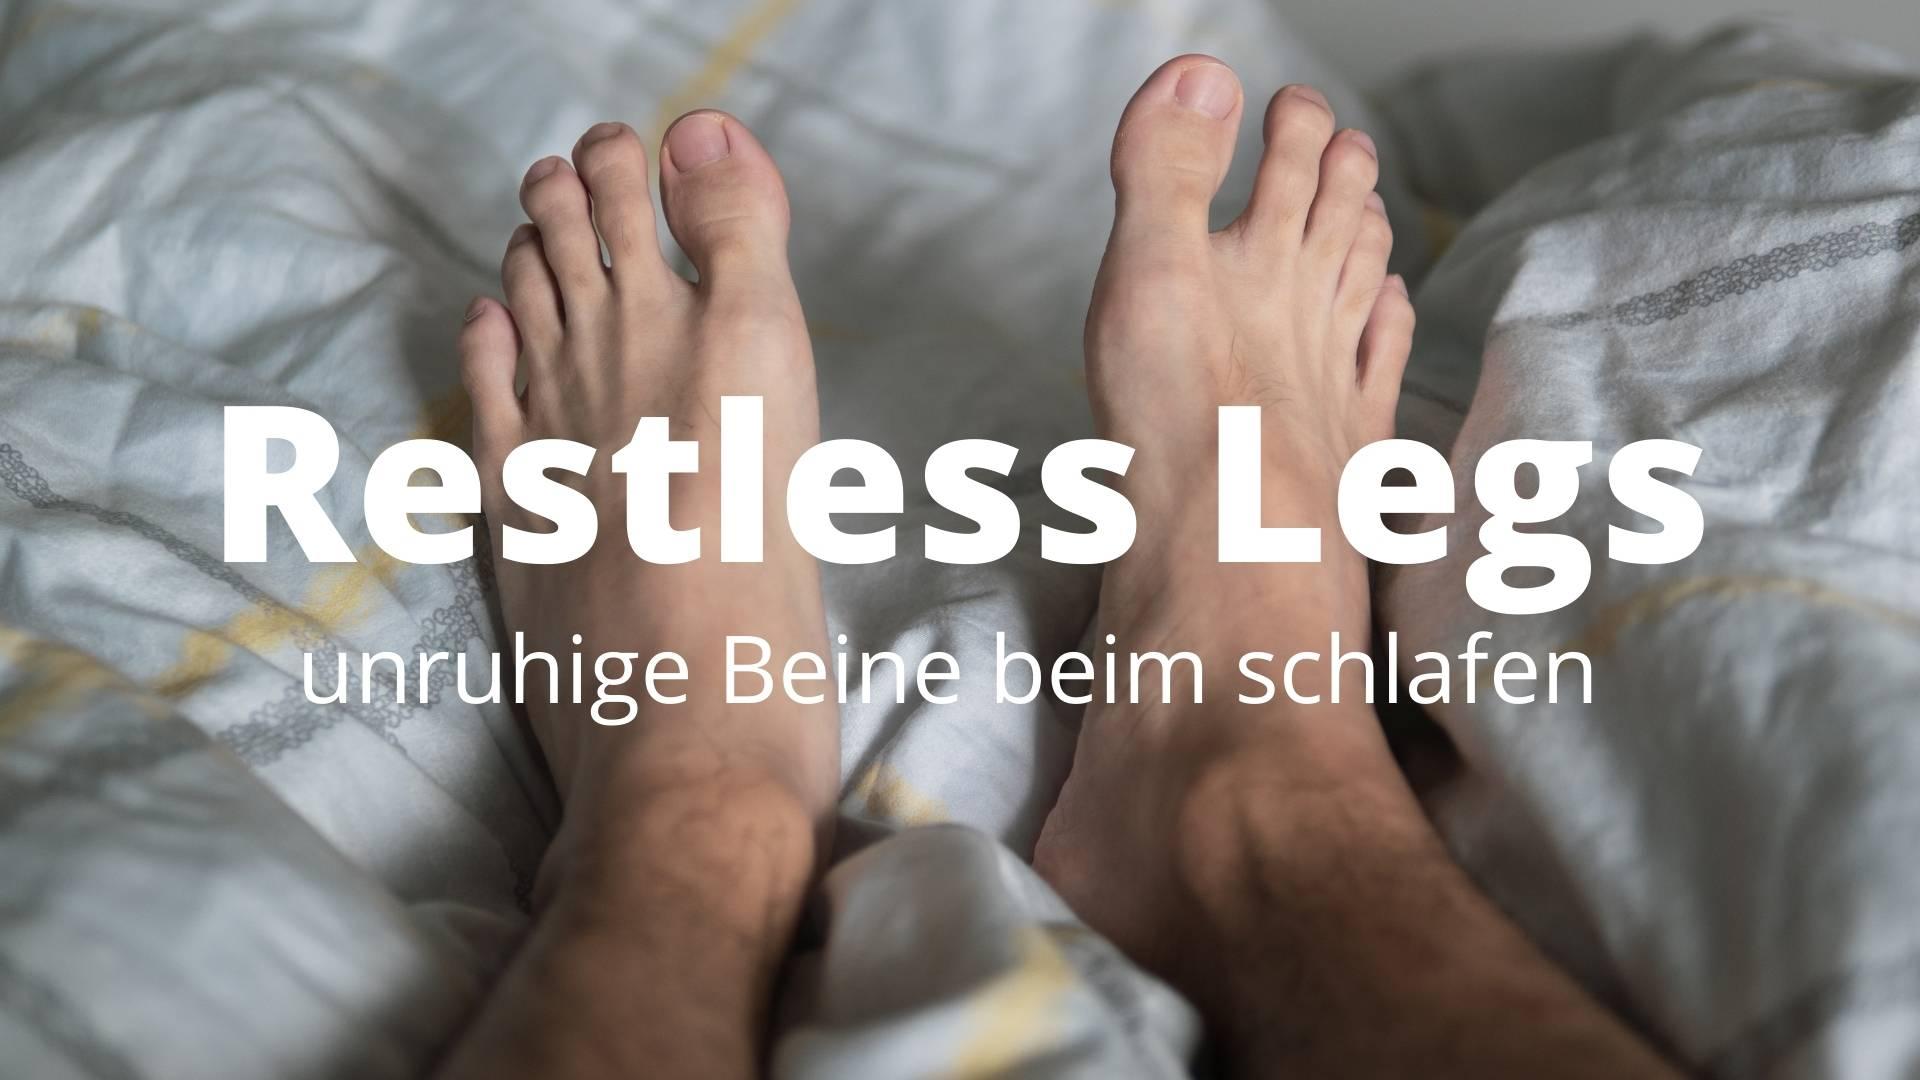 Restless Leggs Syndrom beim schlafen